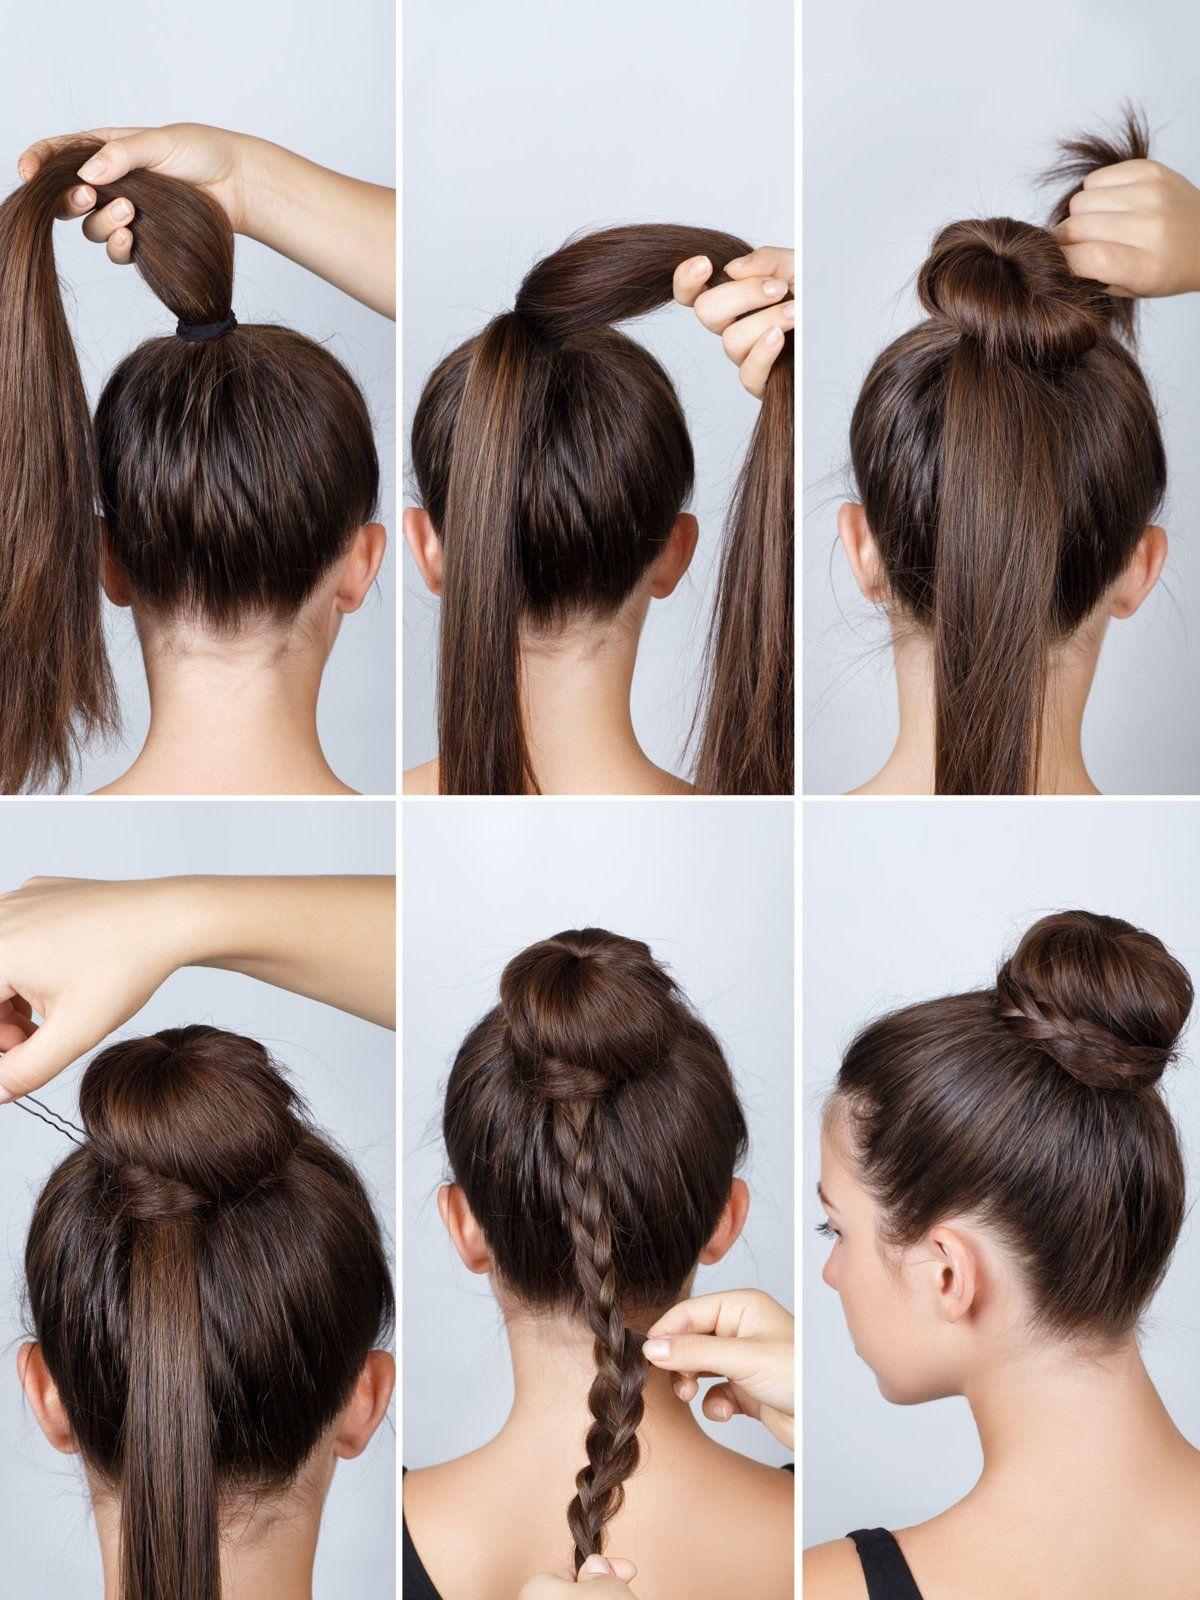 Step By Step Die 10 Schönsten Frisuren Zum Nachstylen Braided